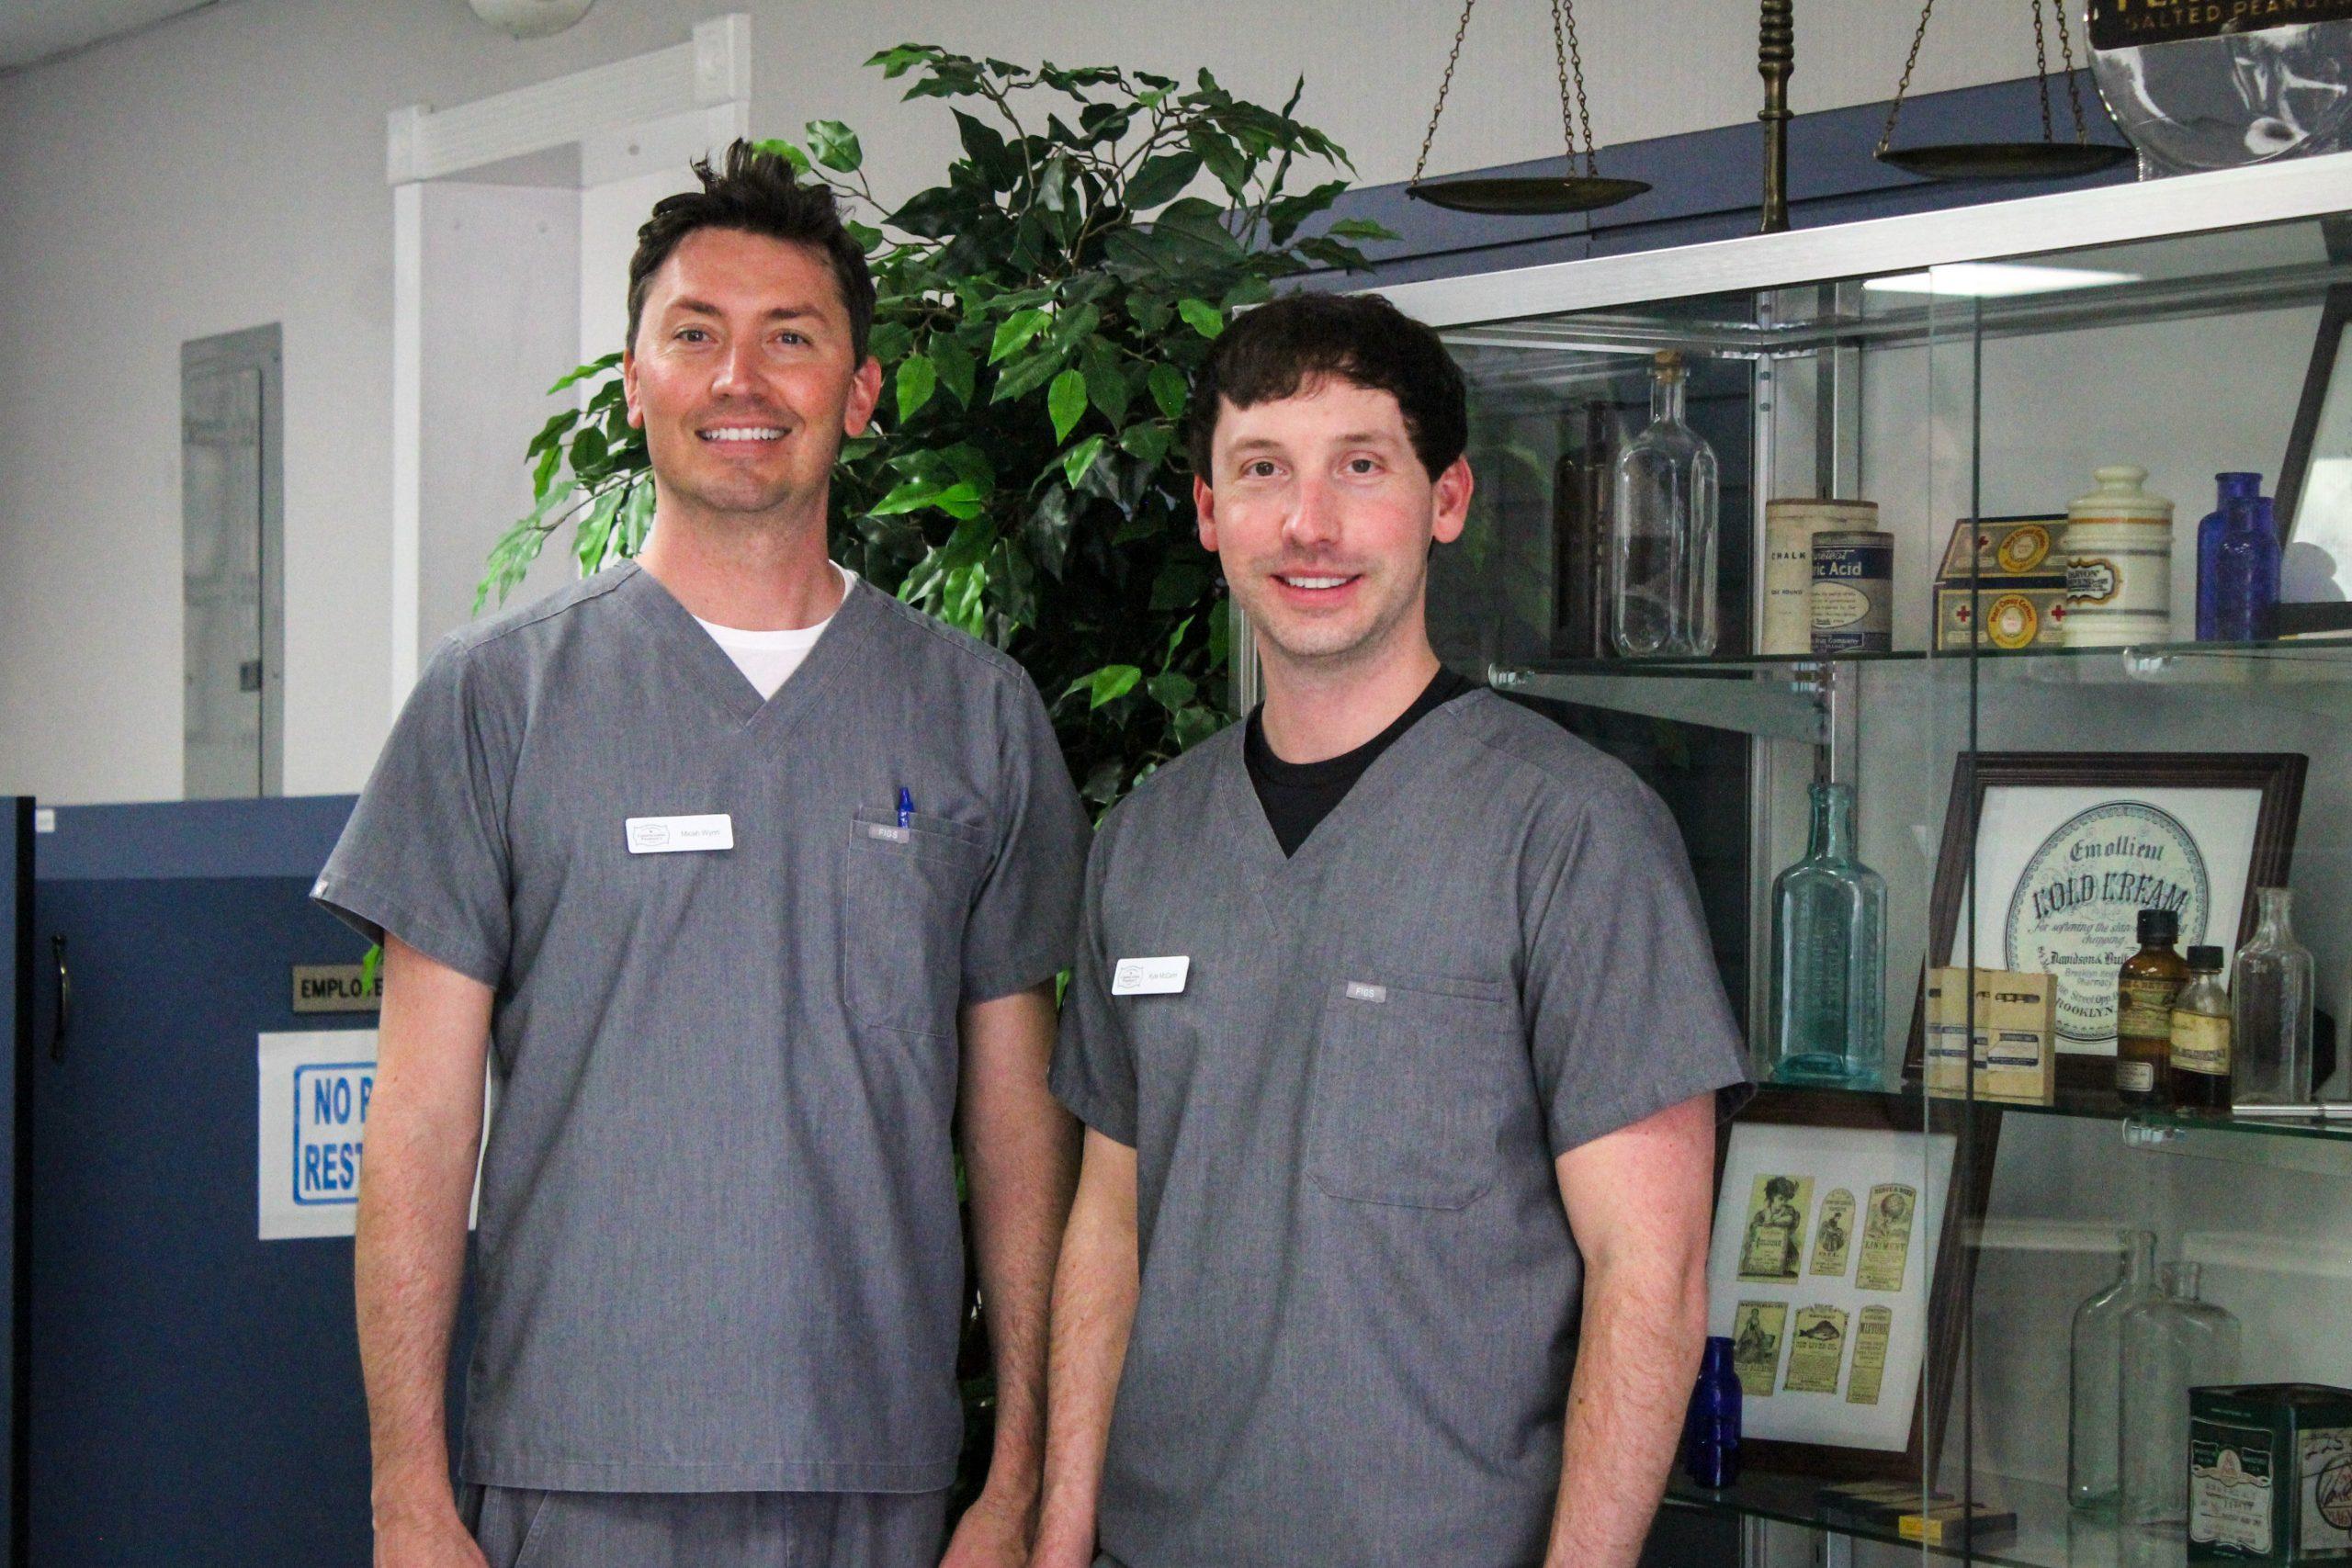 North Texas Oral & Facial Surgery